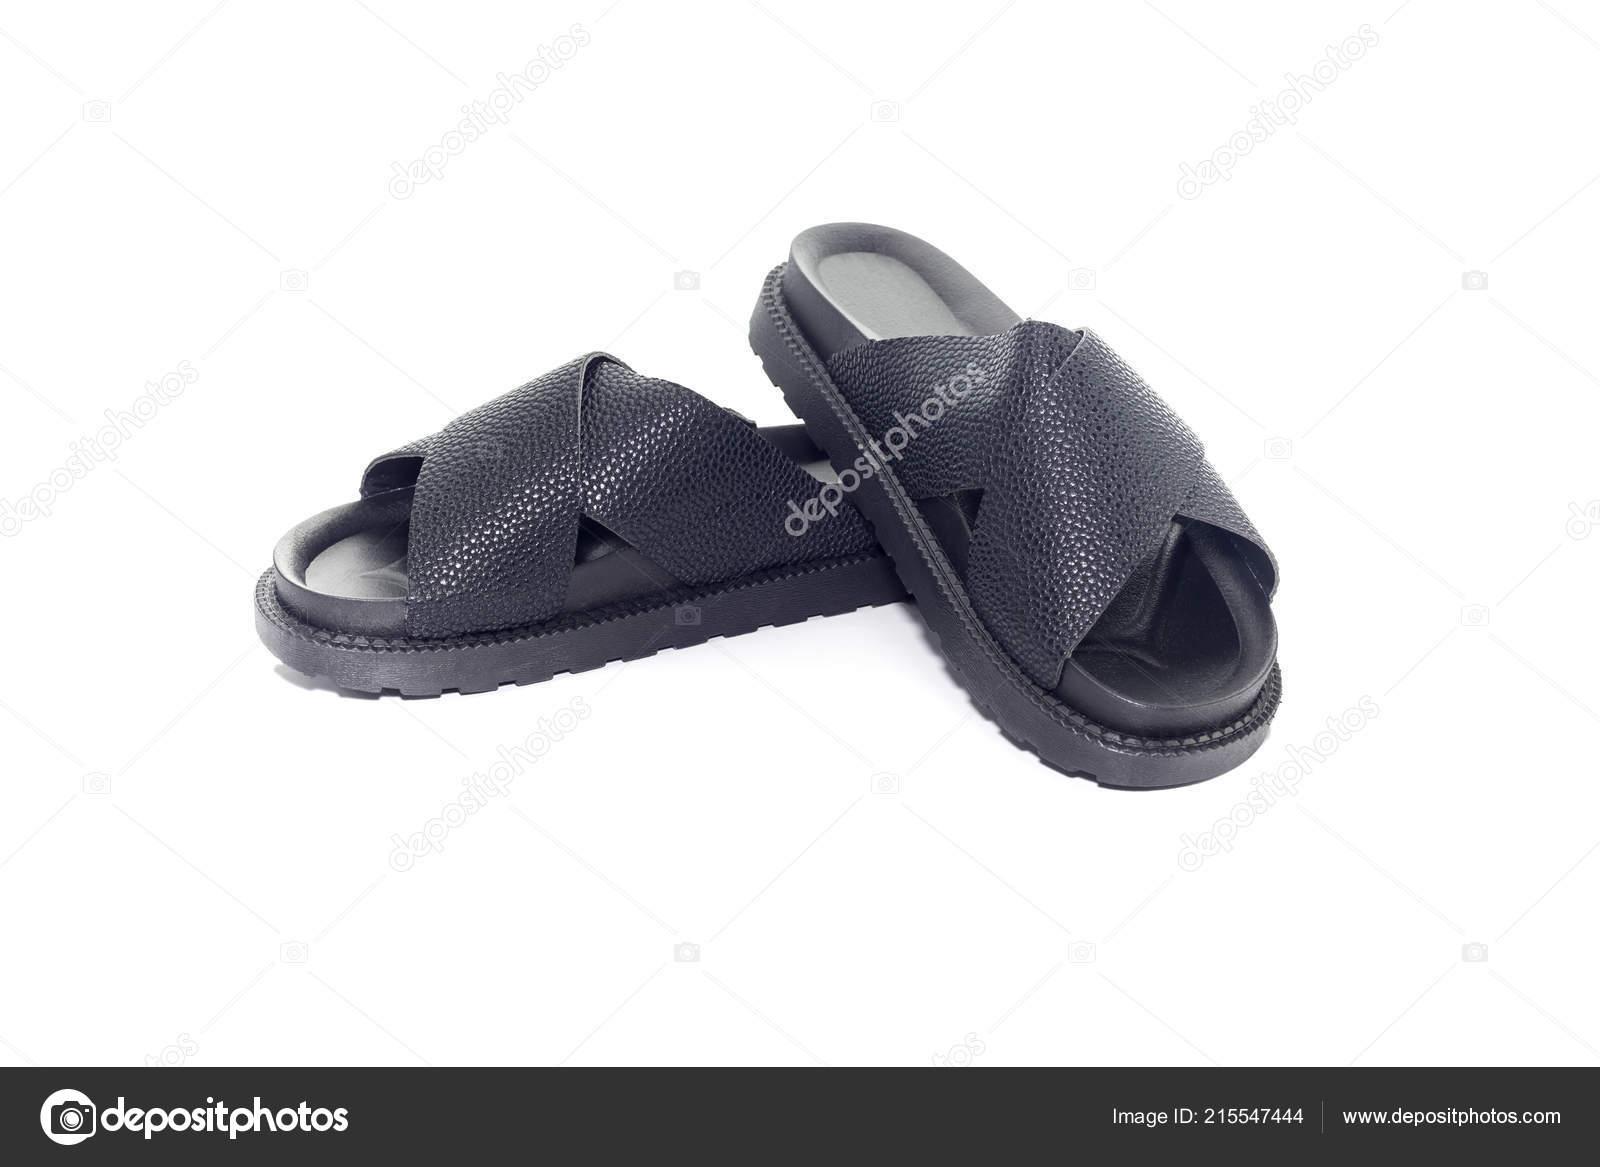 aad8cbf1e6 Sandálias Novas Pretas Confortáveis Femininas Close Couro Sintético Com  Fundo — Fotografia de Stock